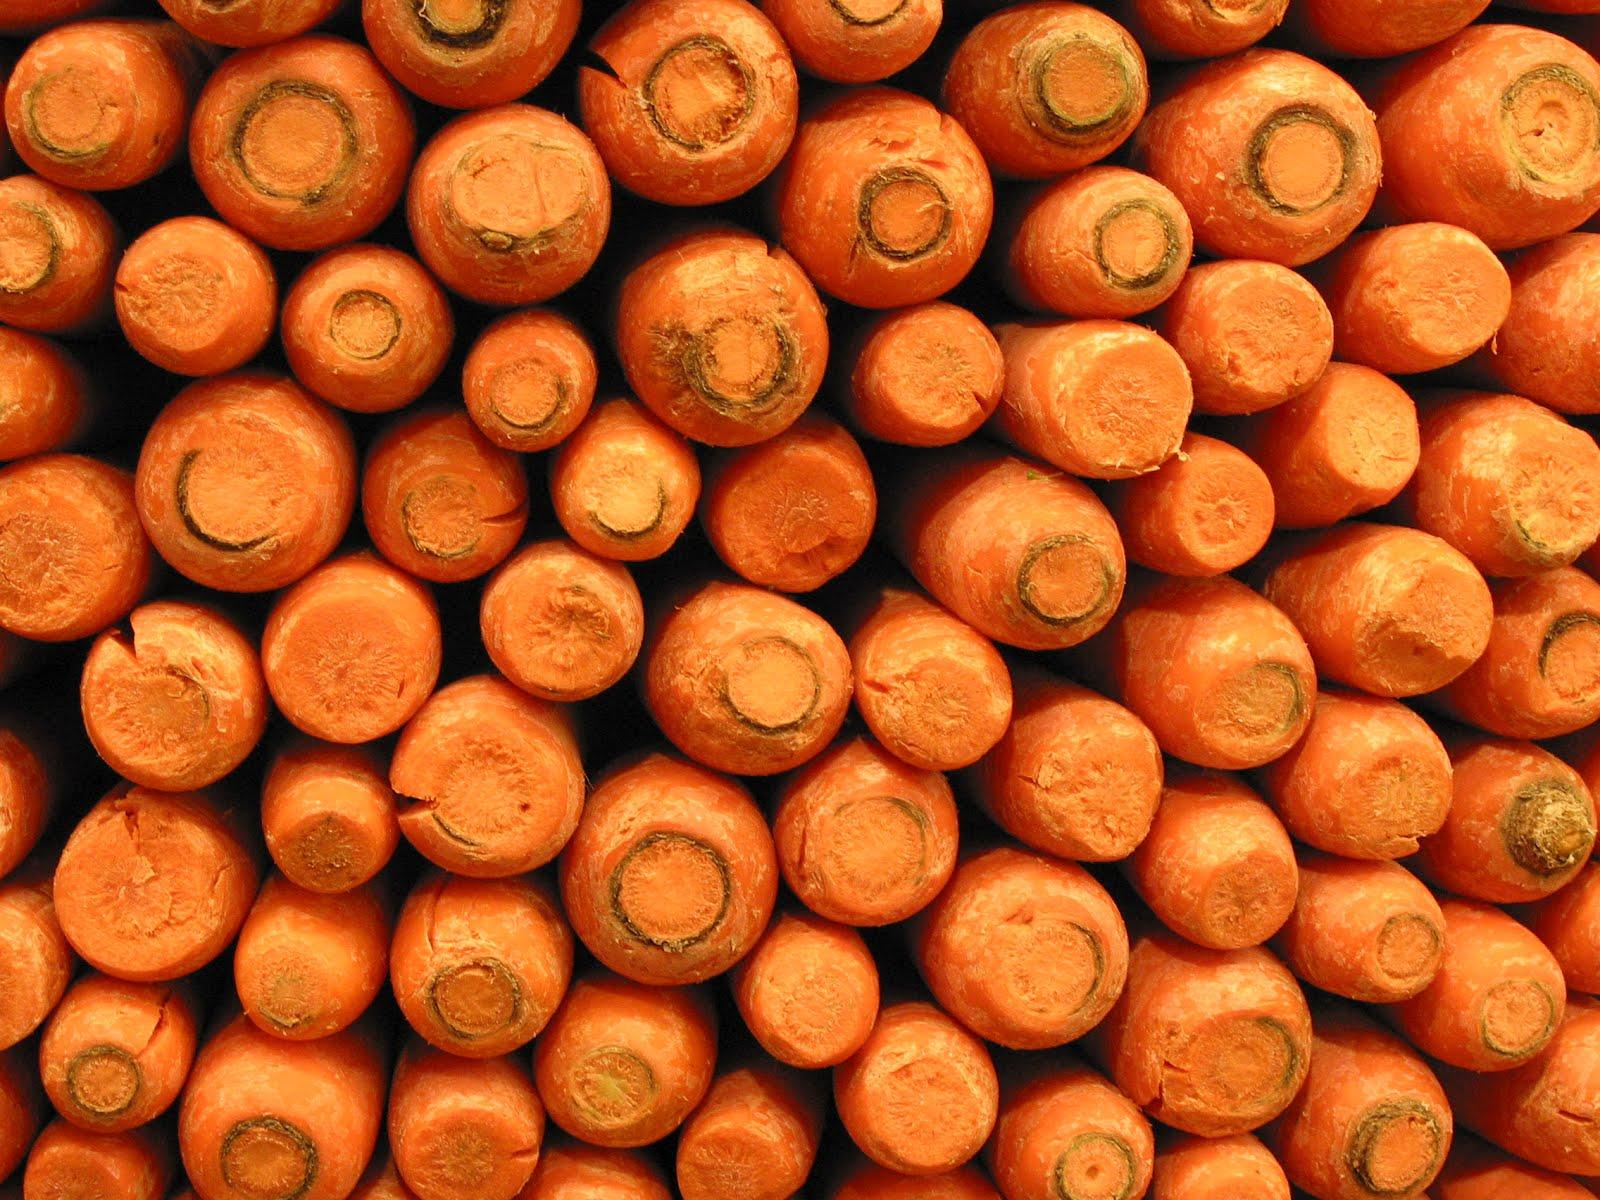 20 remedios caseros para quitar las manchas de la piel - Quitar manchas pared ...